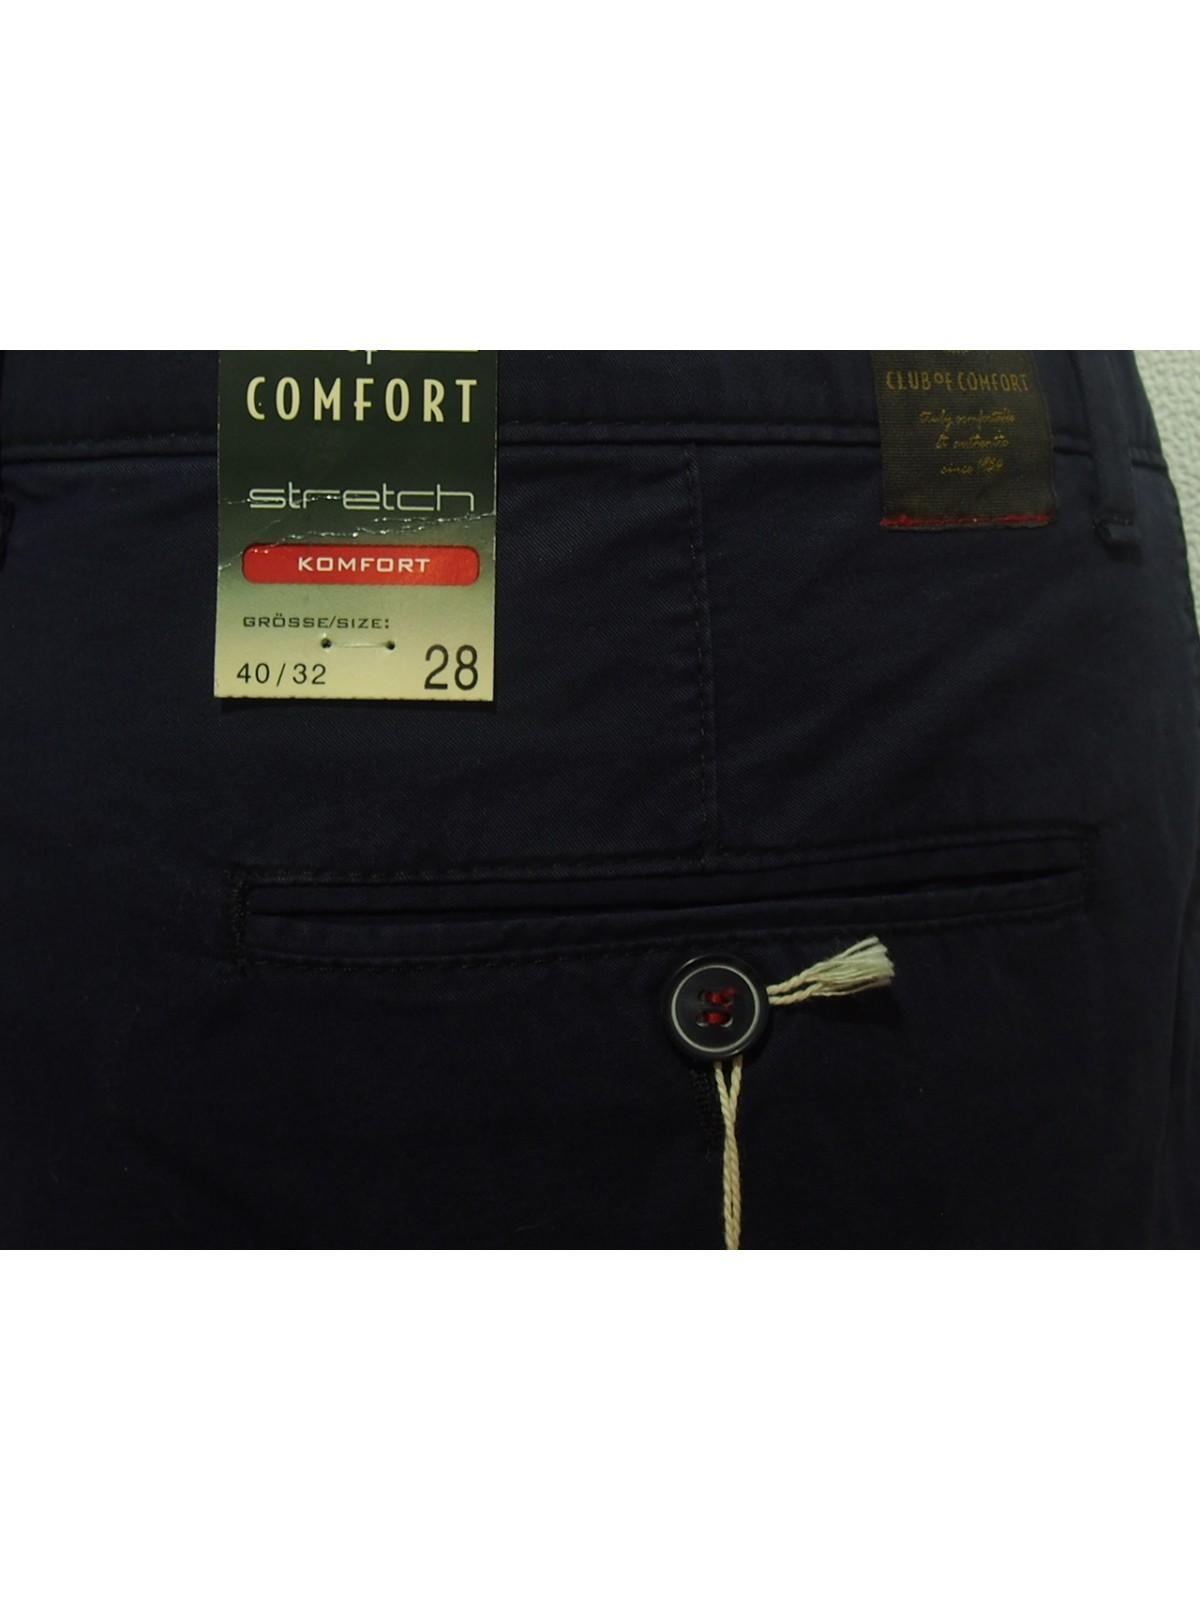 Брюки мужские Club of comfort Cajus 5125 42